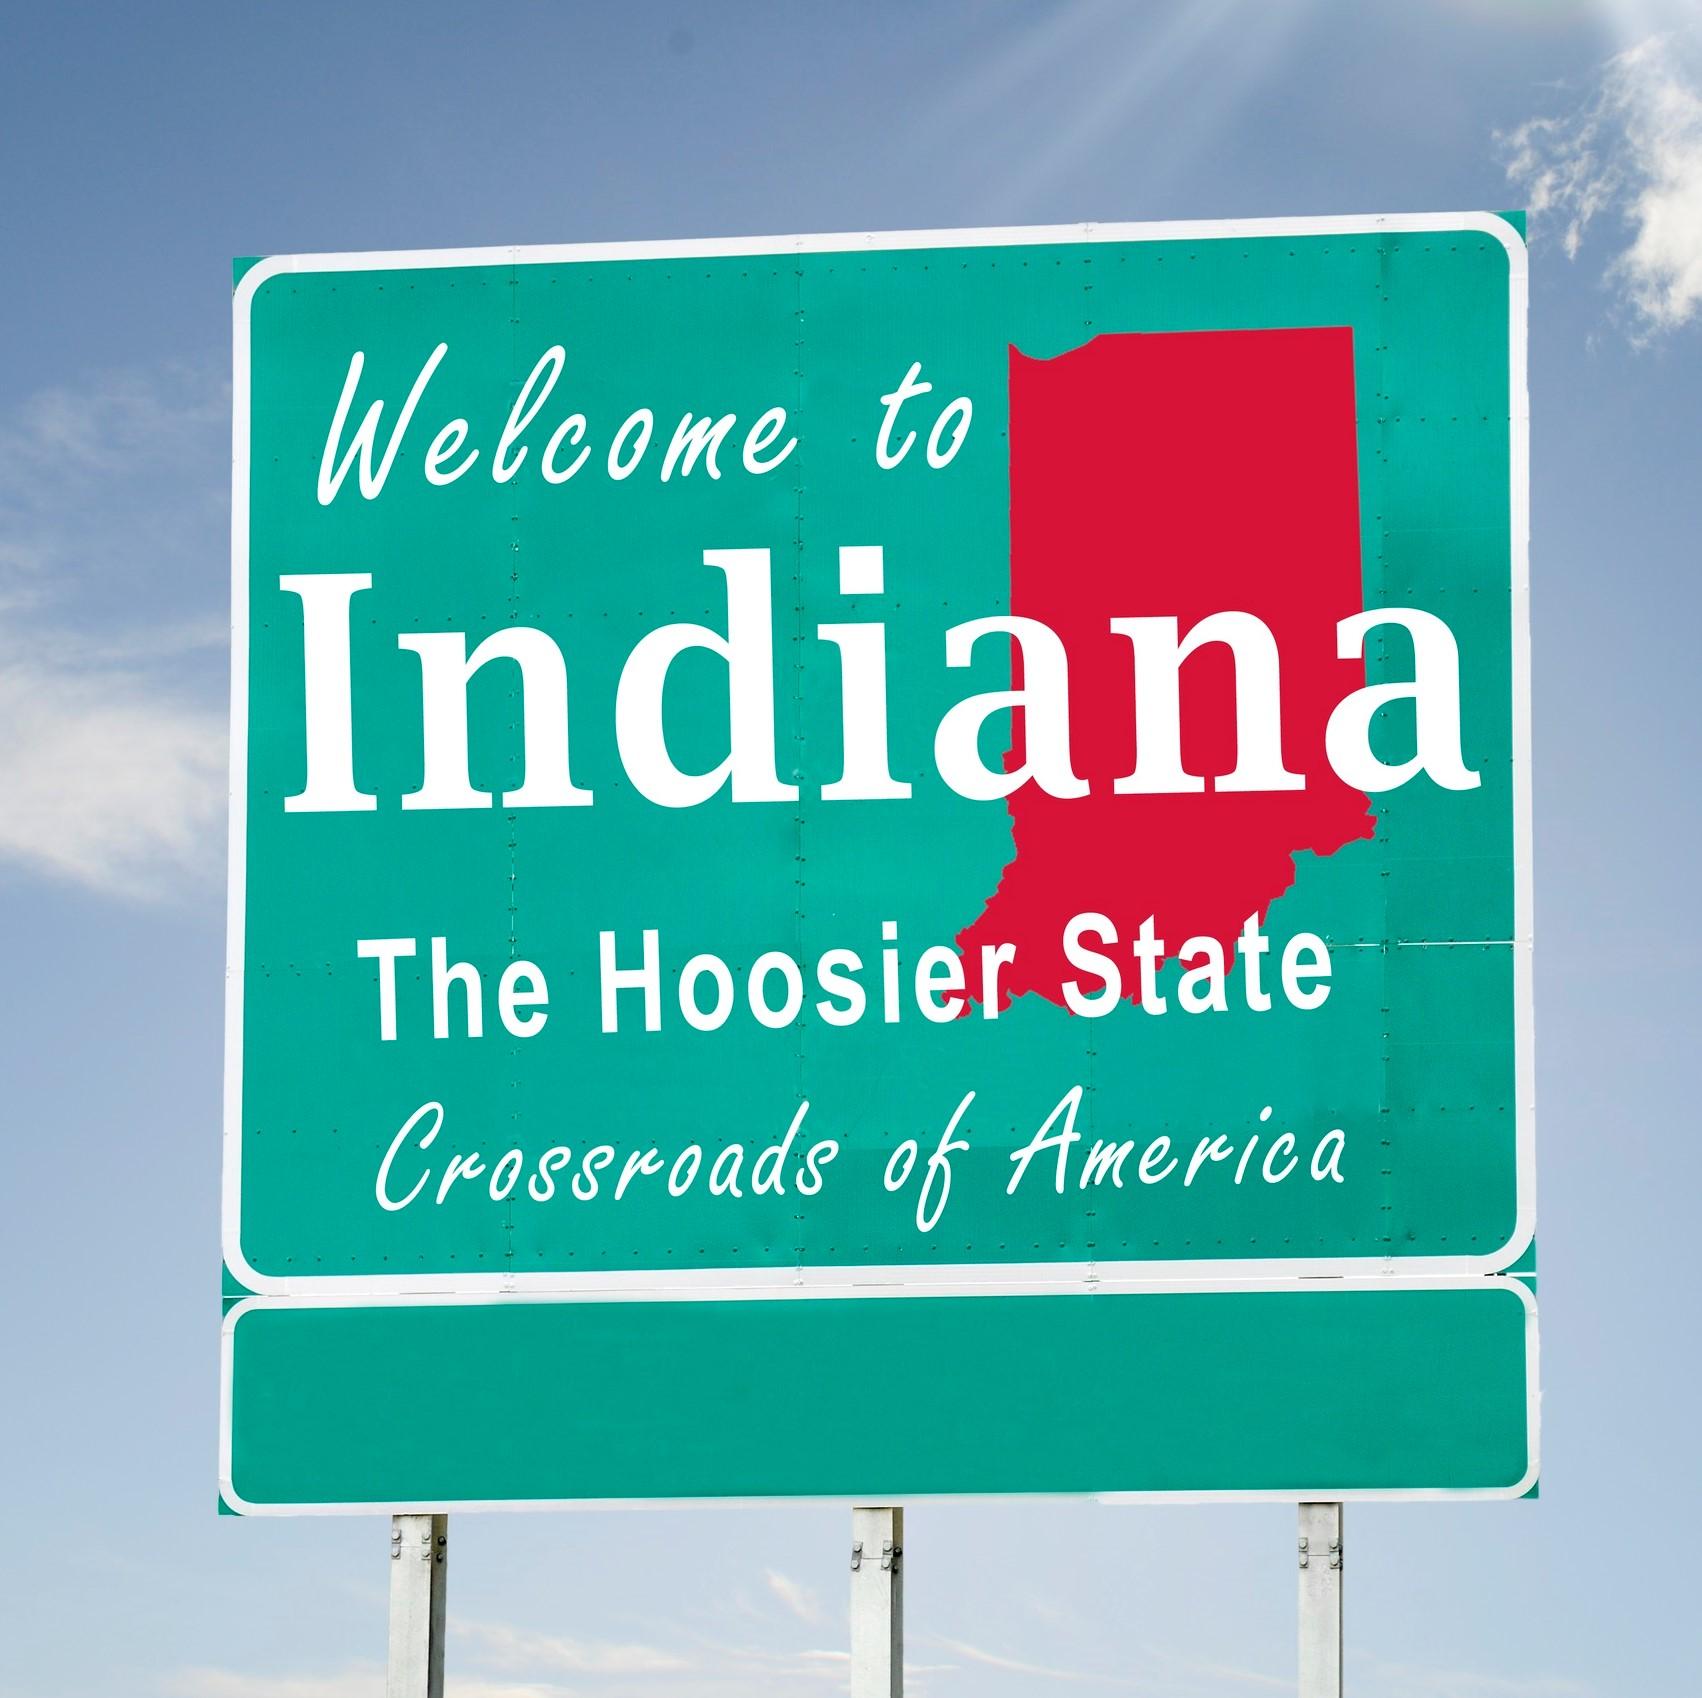 IndianaSignCrossroads-Welcome (2).jpg